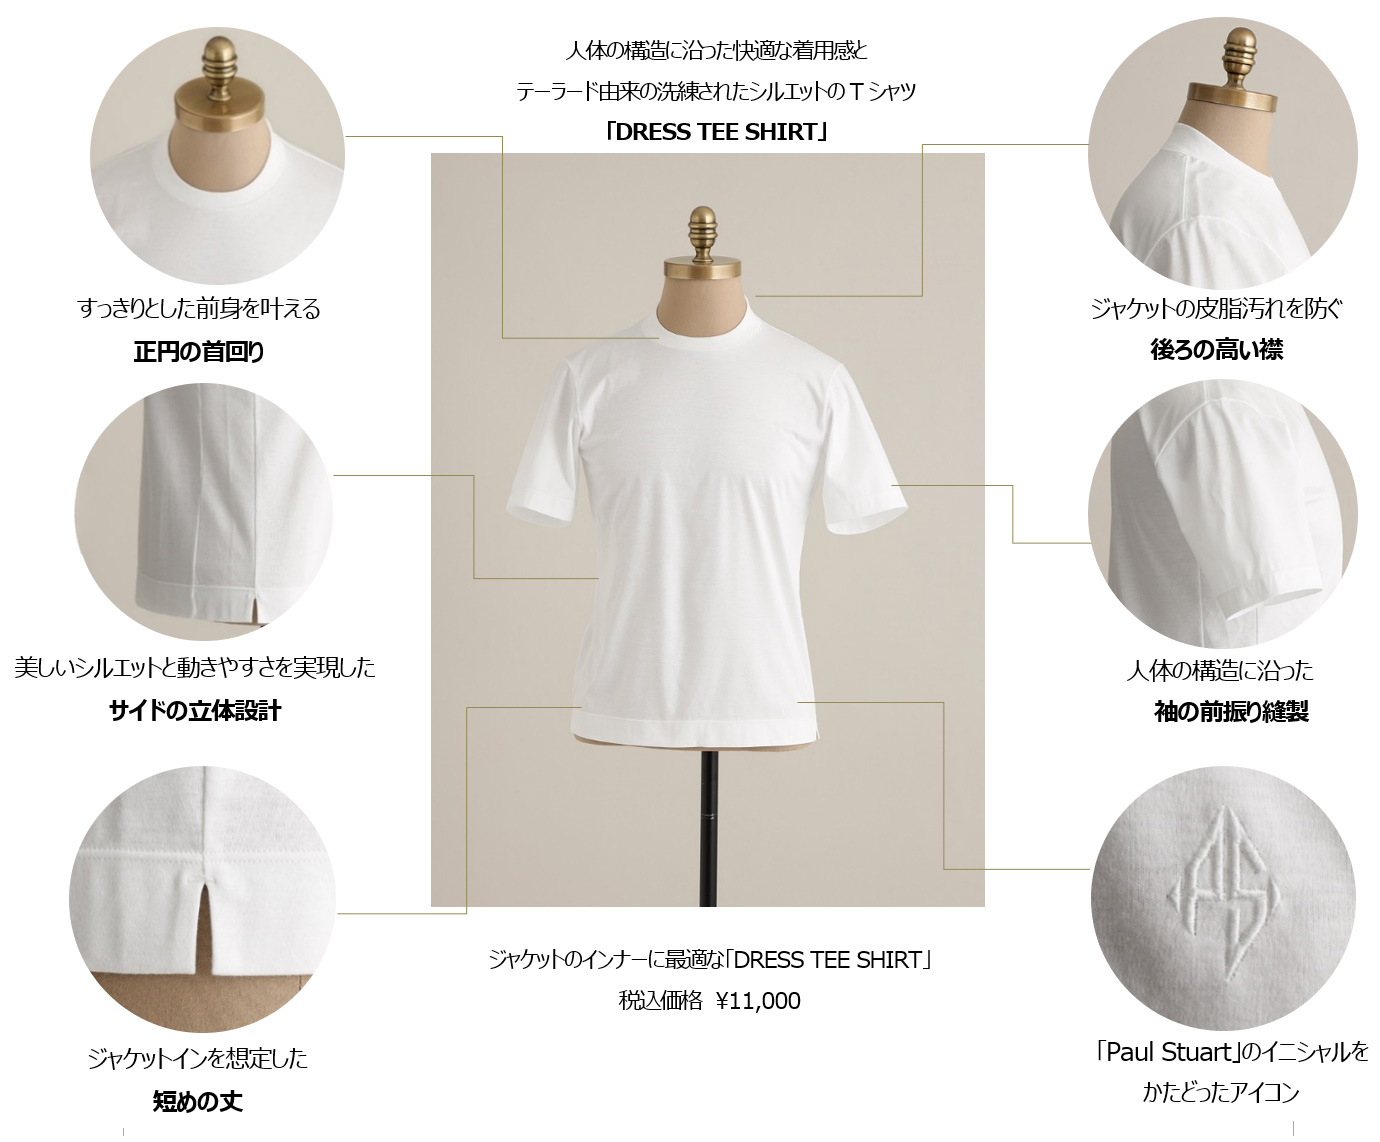 人体の構造に沿った快適な着用感とテーラード由来の洗練されたシルエットのTシャツ「DRESS TEE SHIRT」